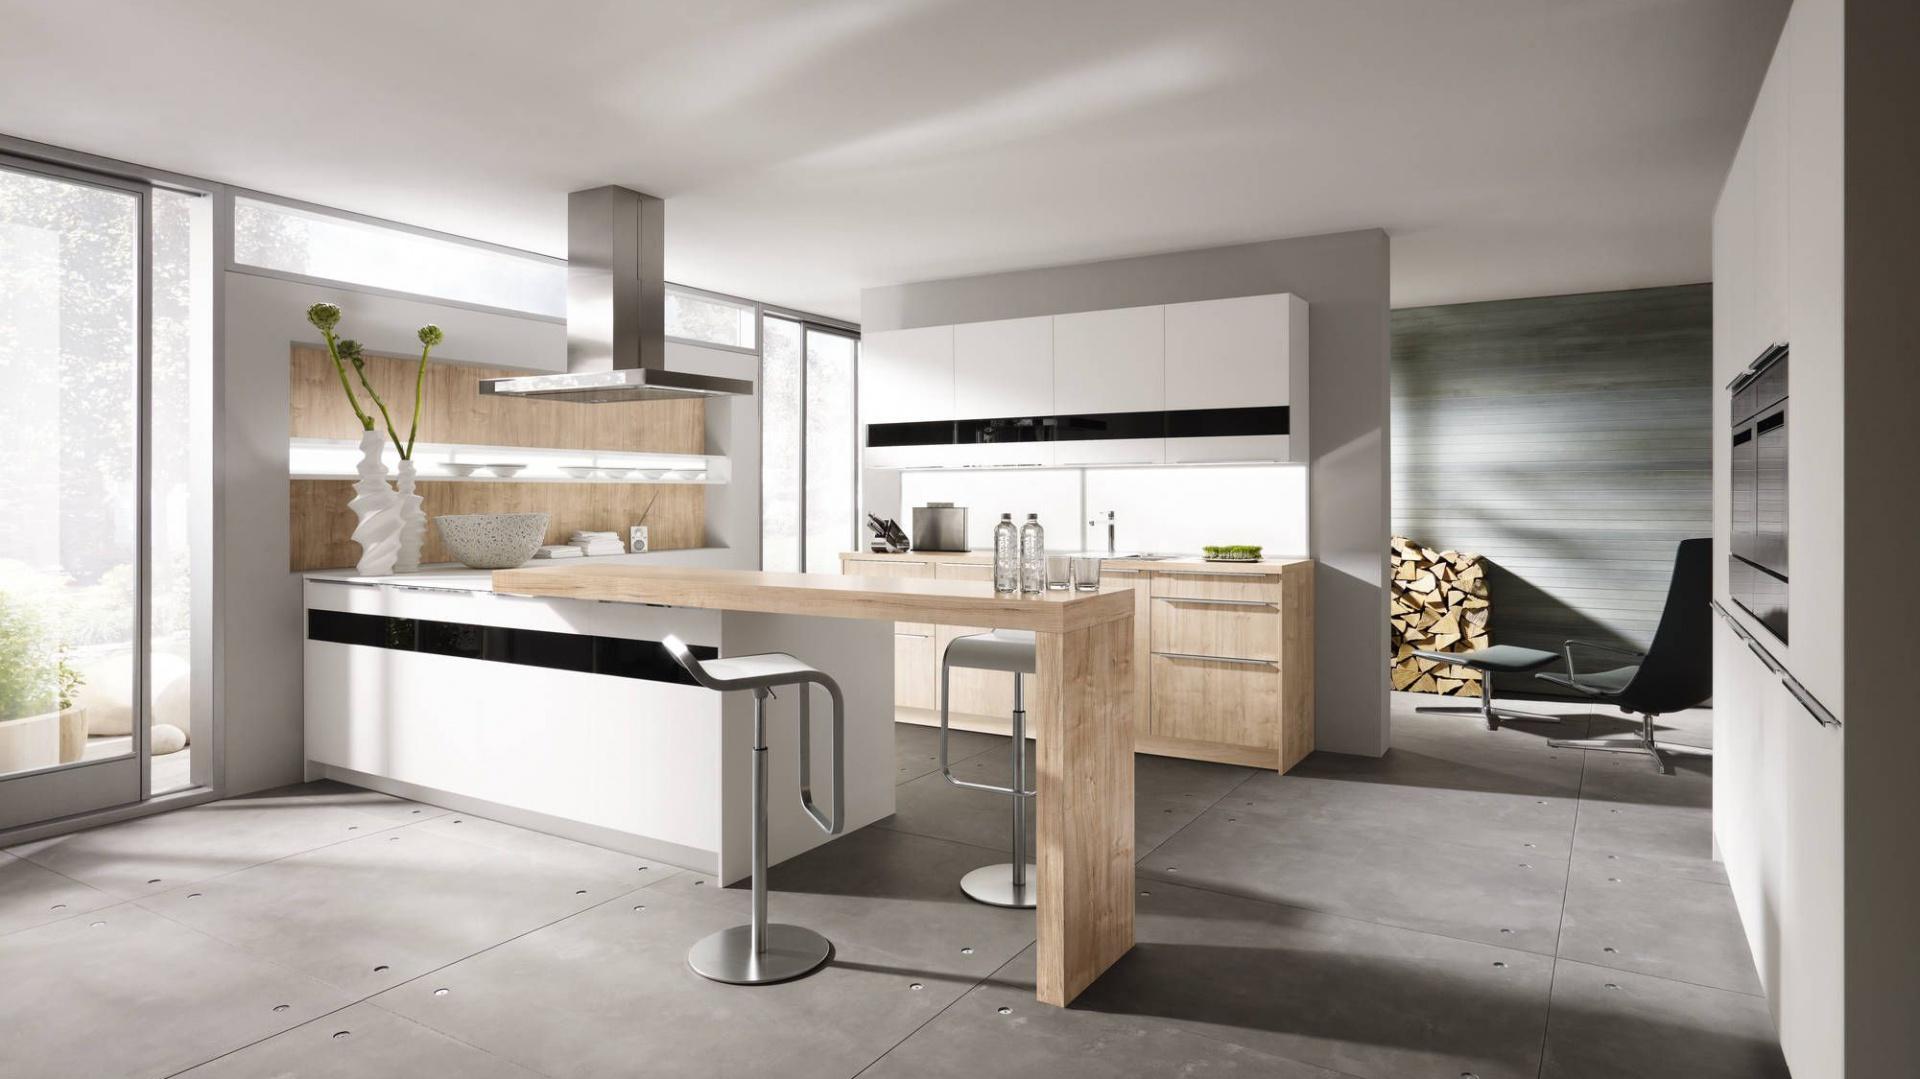 Nowoczesna kuchnia, w Biała kuchnia ocieplona drewnem   -> Kuchnia Nowoczesna Z Drewnem